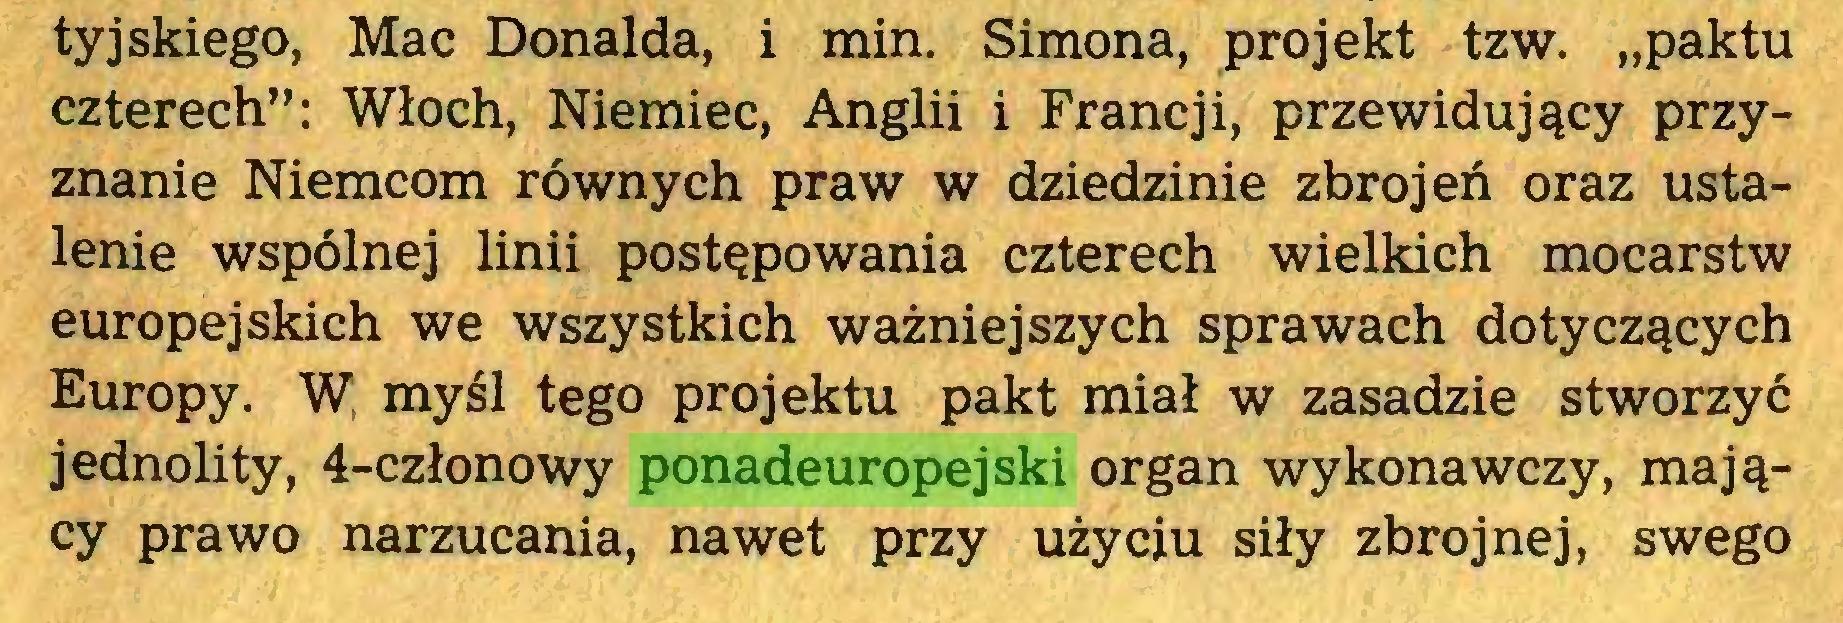 """(...) tyjskiego, Mac Donalda, i min. Simona, projekt tzw. """"paktu czterech"""": Włoch, Niemiec, Anglii i Francji, przewidujący przyznanie Niemcom równych praw w dziedzinie zbrojeń oraz ustalenie wspólnej linii postępowania czterech wielkich mocarstw europejskich we wszystkich ważniejszych sprawach dotyczących Europy. W, myśl tego projektu pakt miał w zasadzie stworzyć jednolity, 4-członowy ponadeuropejski organ wykonawczy, mający prawo narzucania, nawet przy użyciu siły zbrojnej, swego..."""